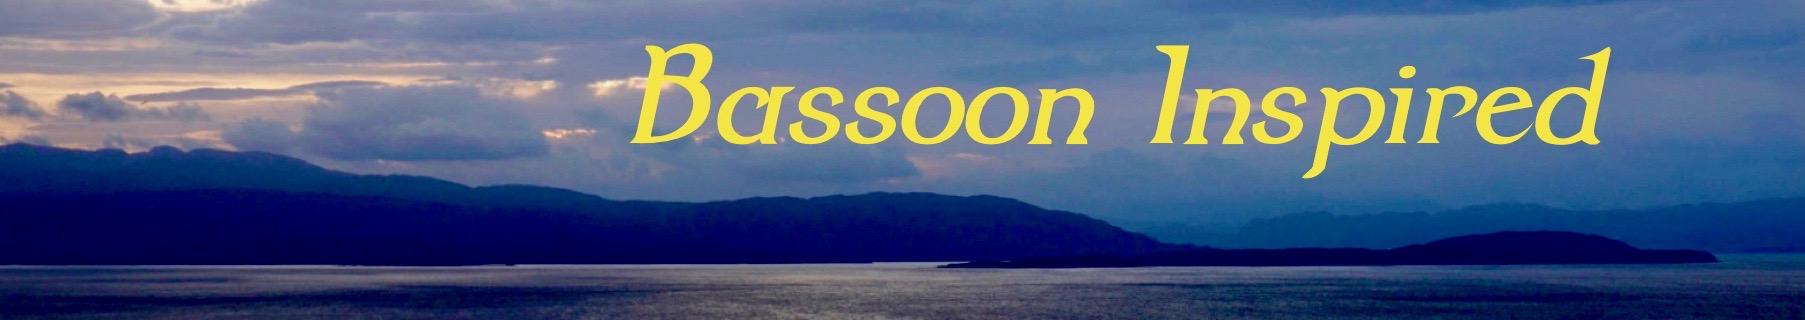 Bassoon Inspired logo JPG